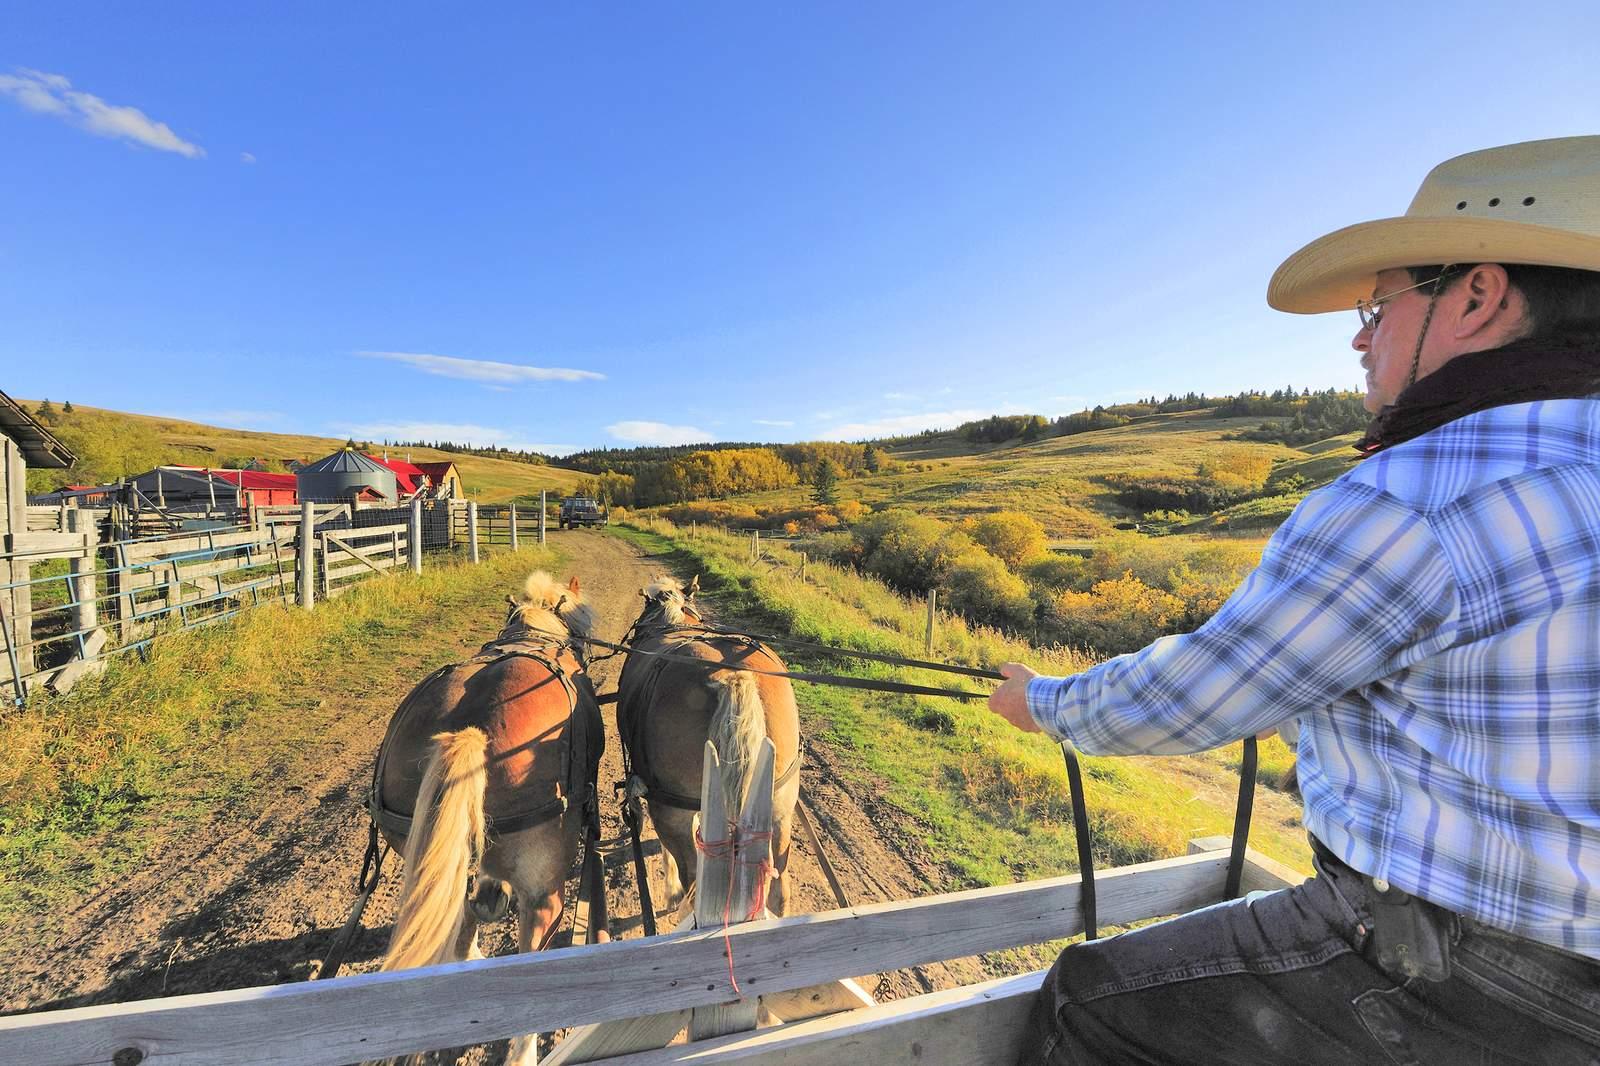 Kutschfahrt mit dem Pferdewagen